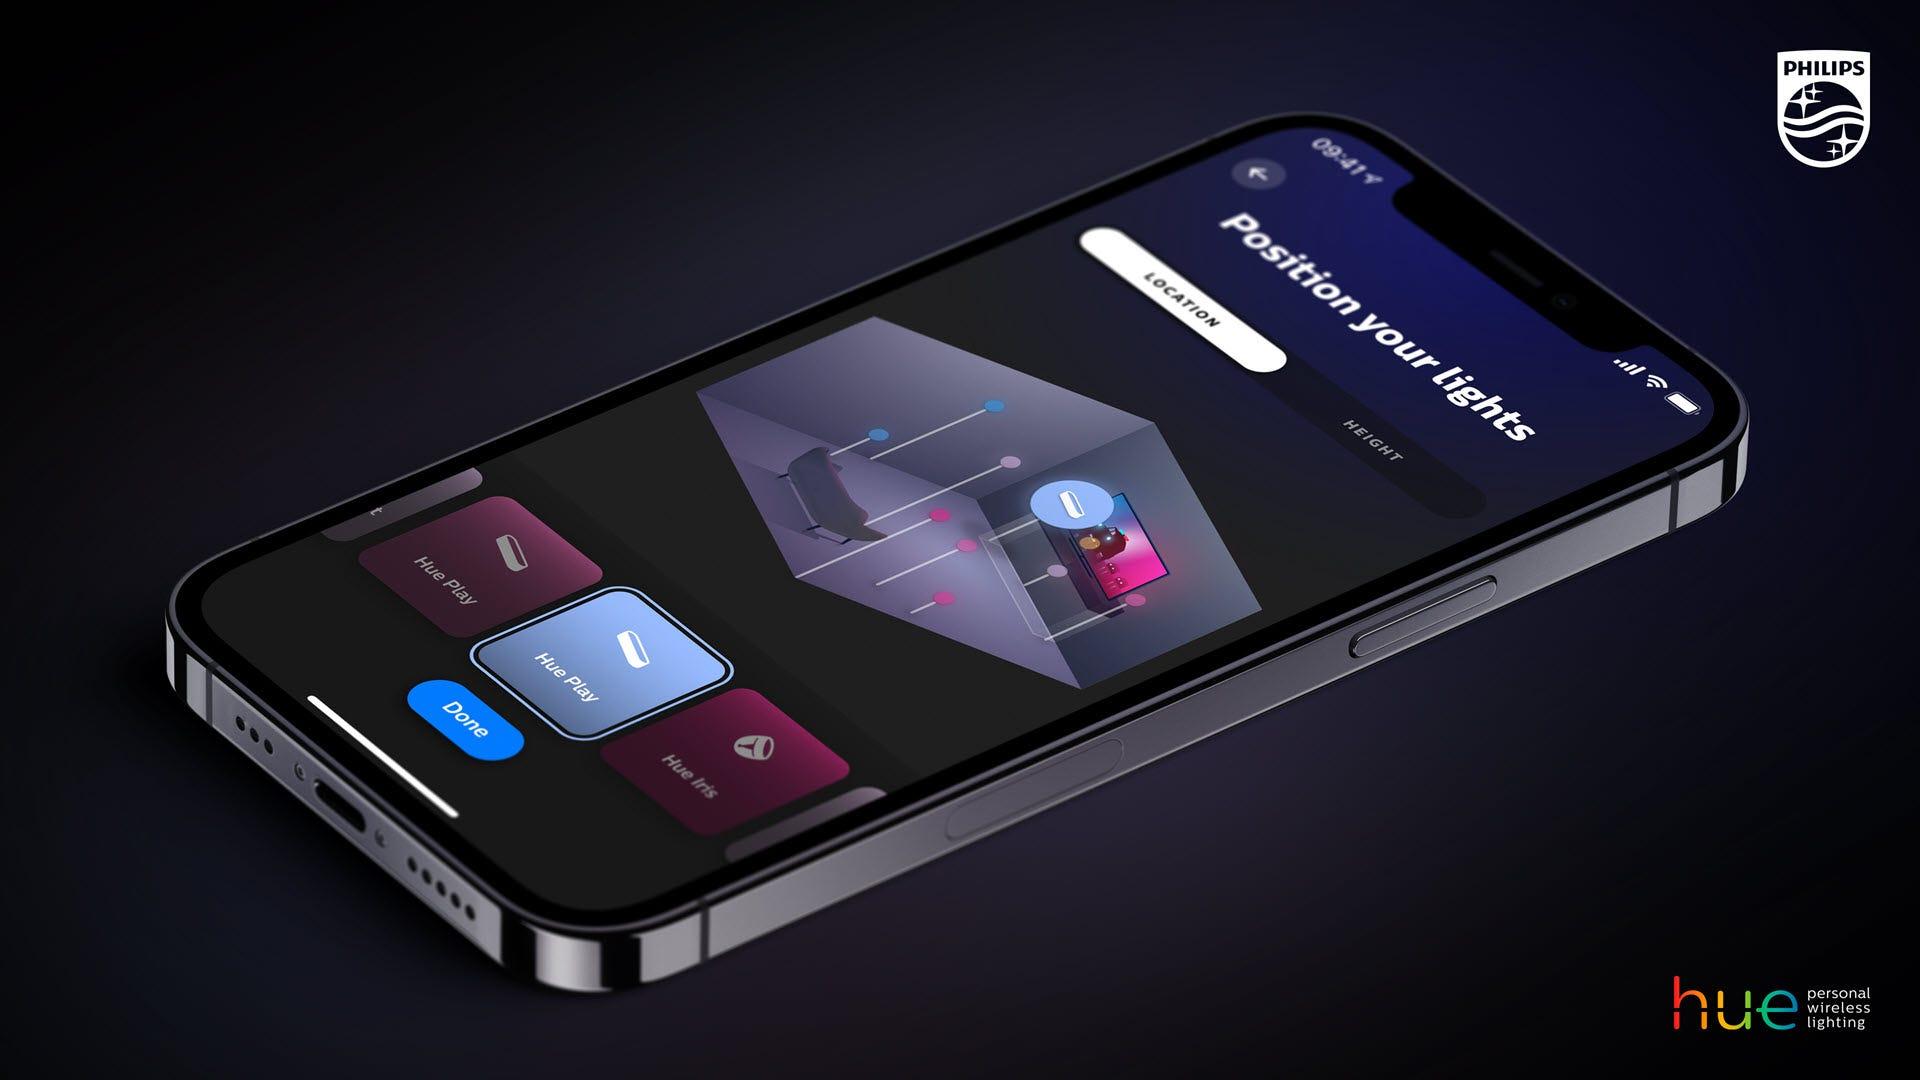 تطبيق Philips Hue مع واجهة موقع الغرفة.